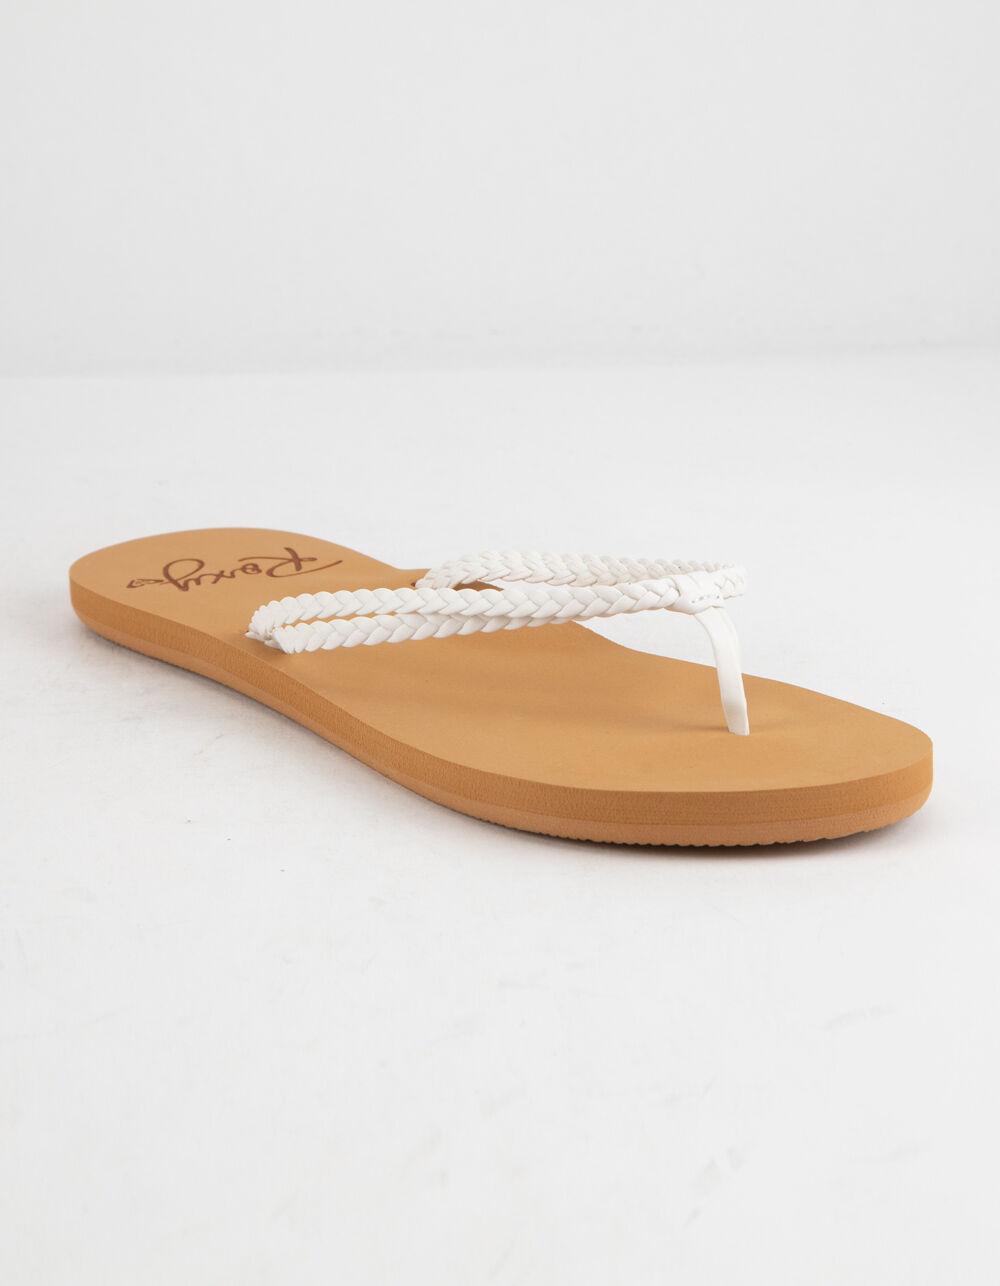 ROXY Costas White Sandals